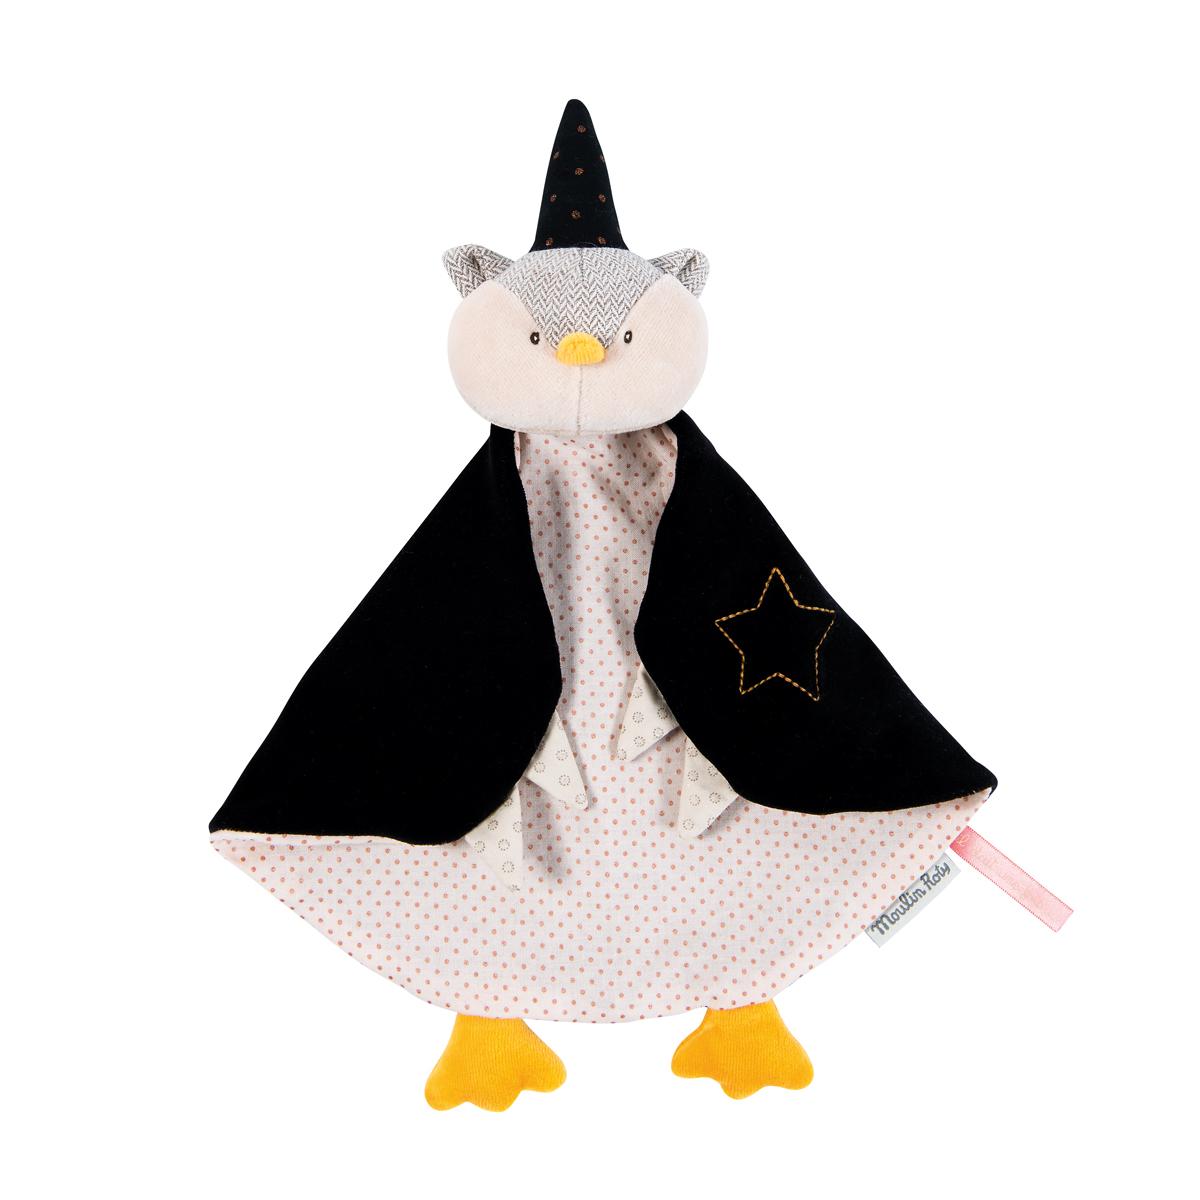 【再入荷時期未定】「ワンス・アポン・ア・タイム」フクロウのおしゃぶりタオル